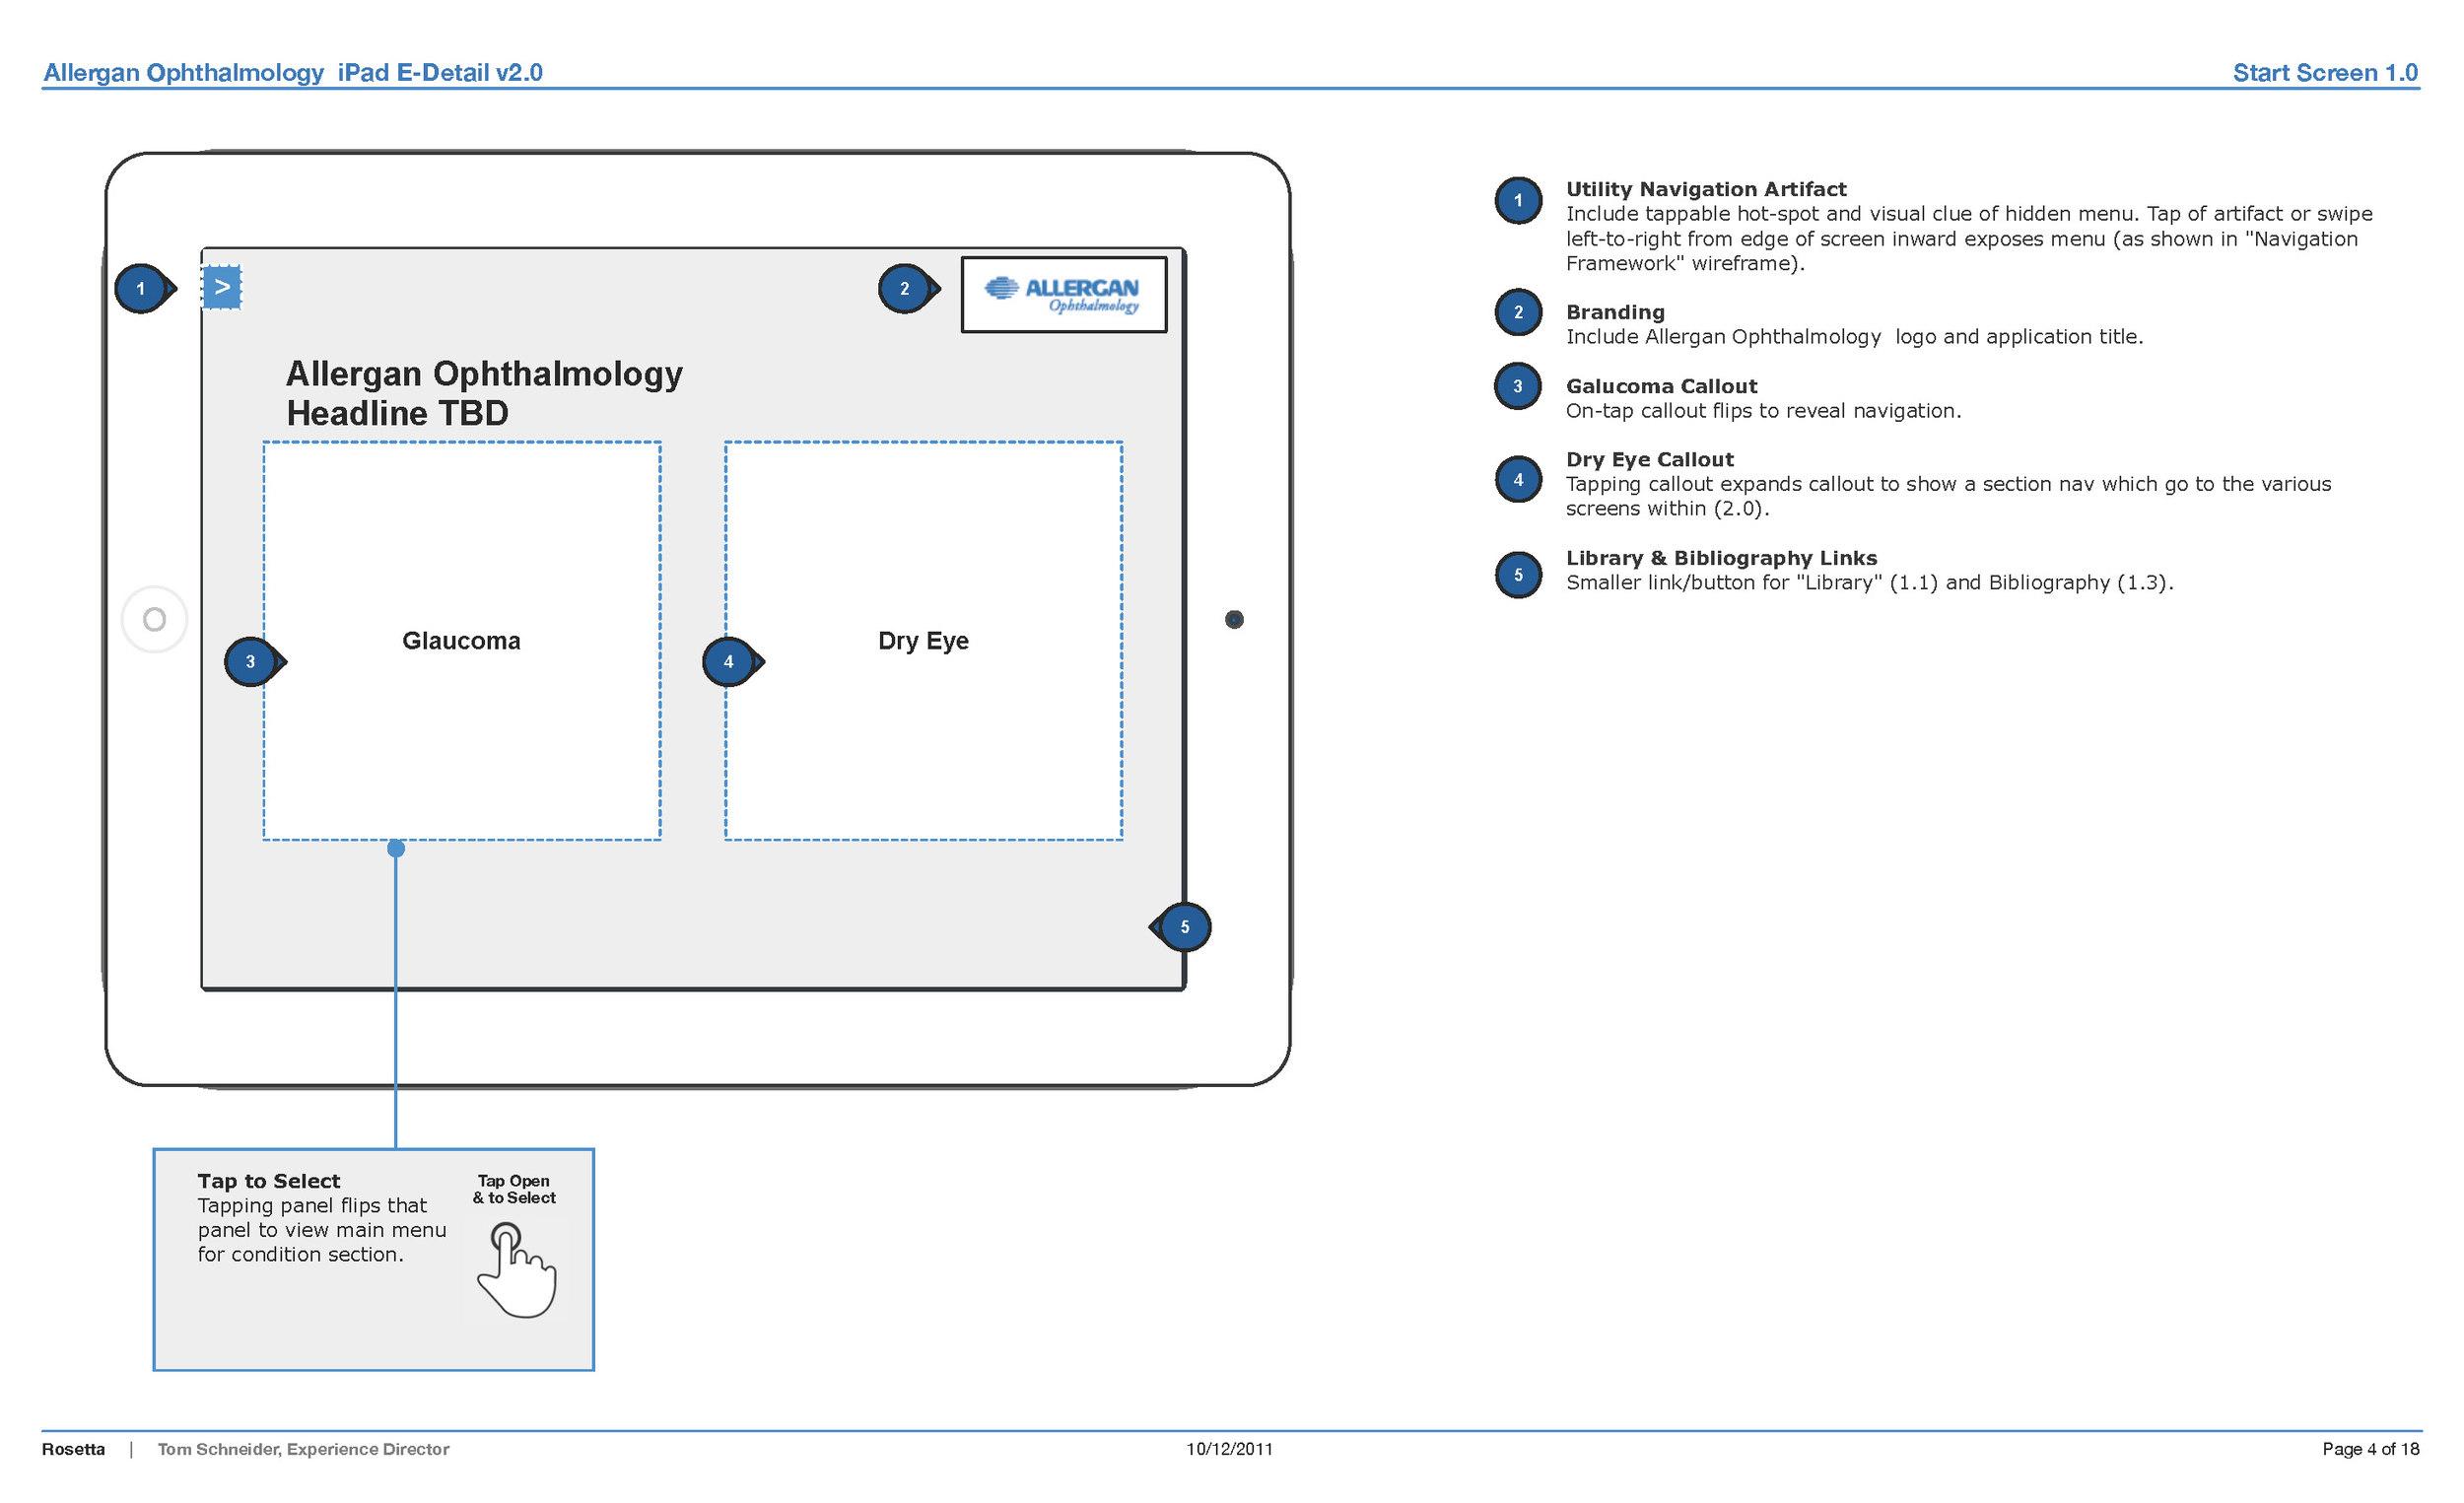 Allergan-iPad-App-v2.0_Page_04.jpg